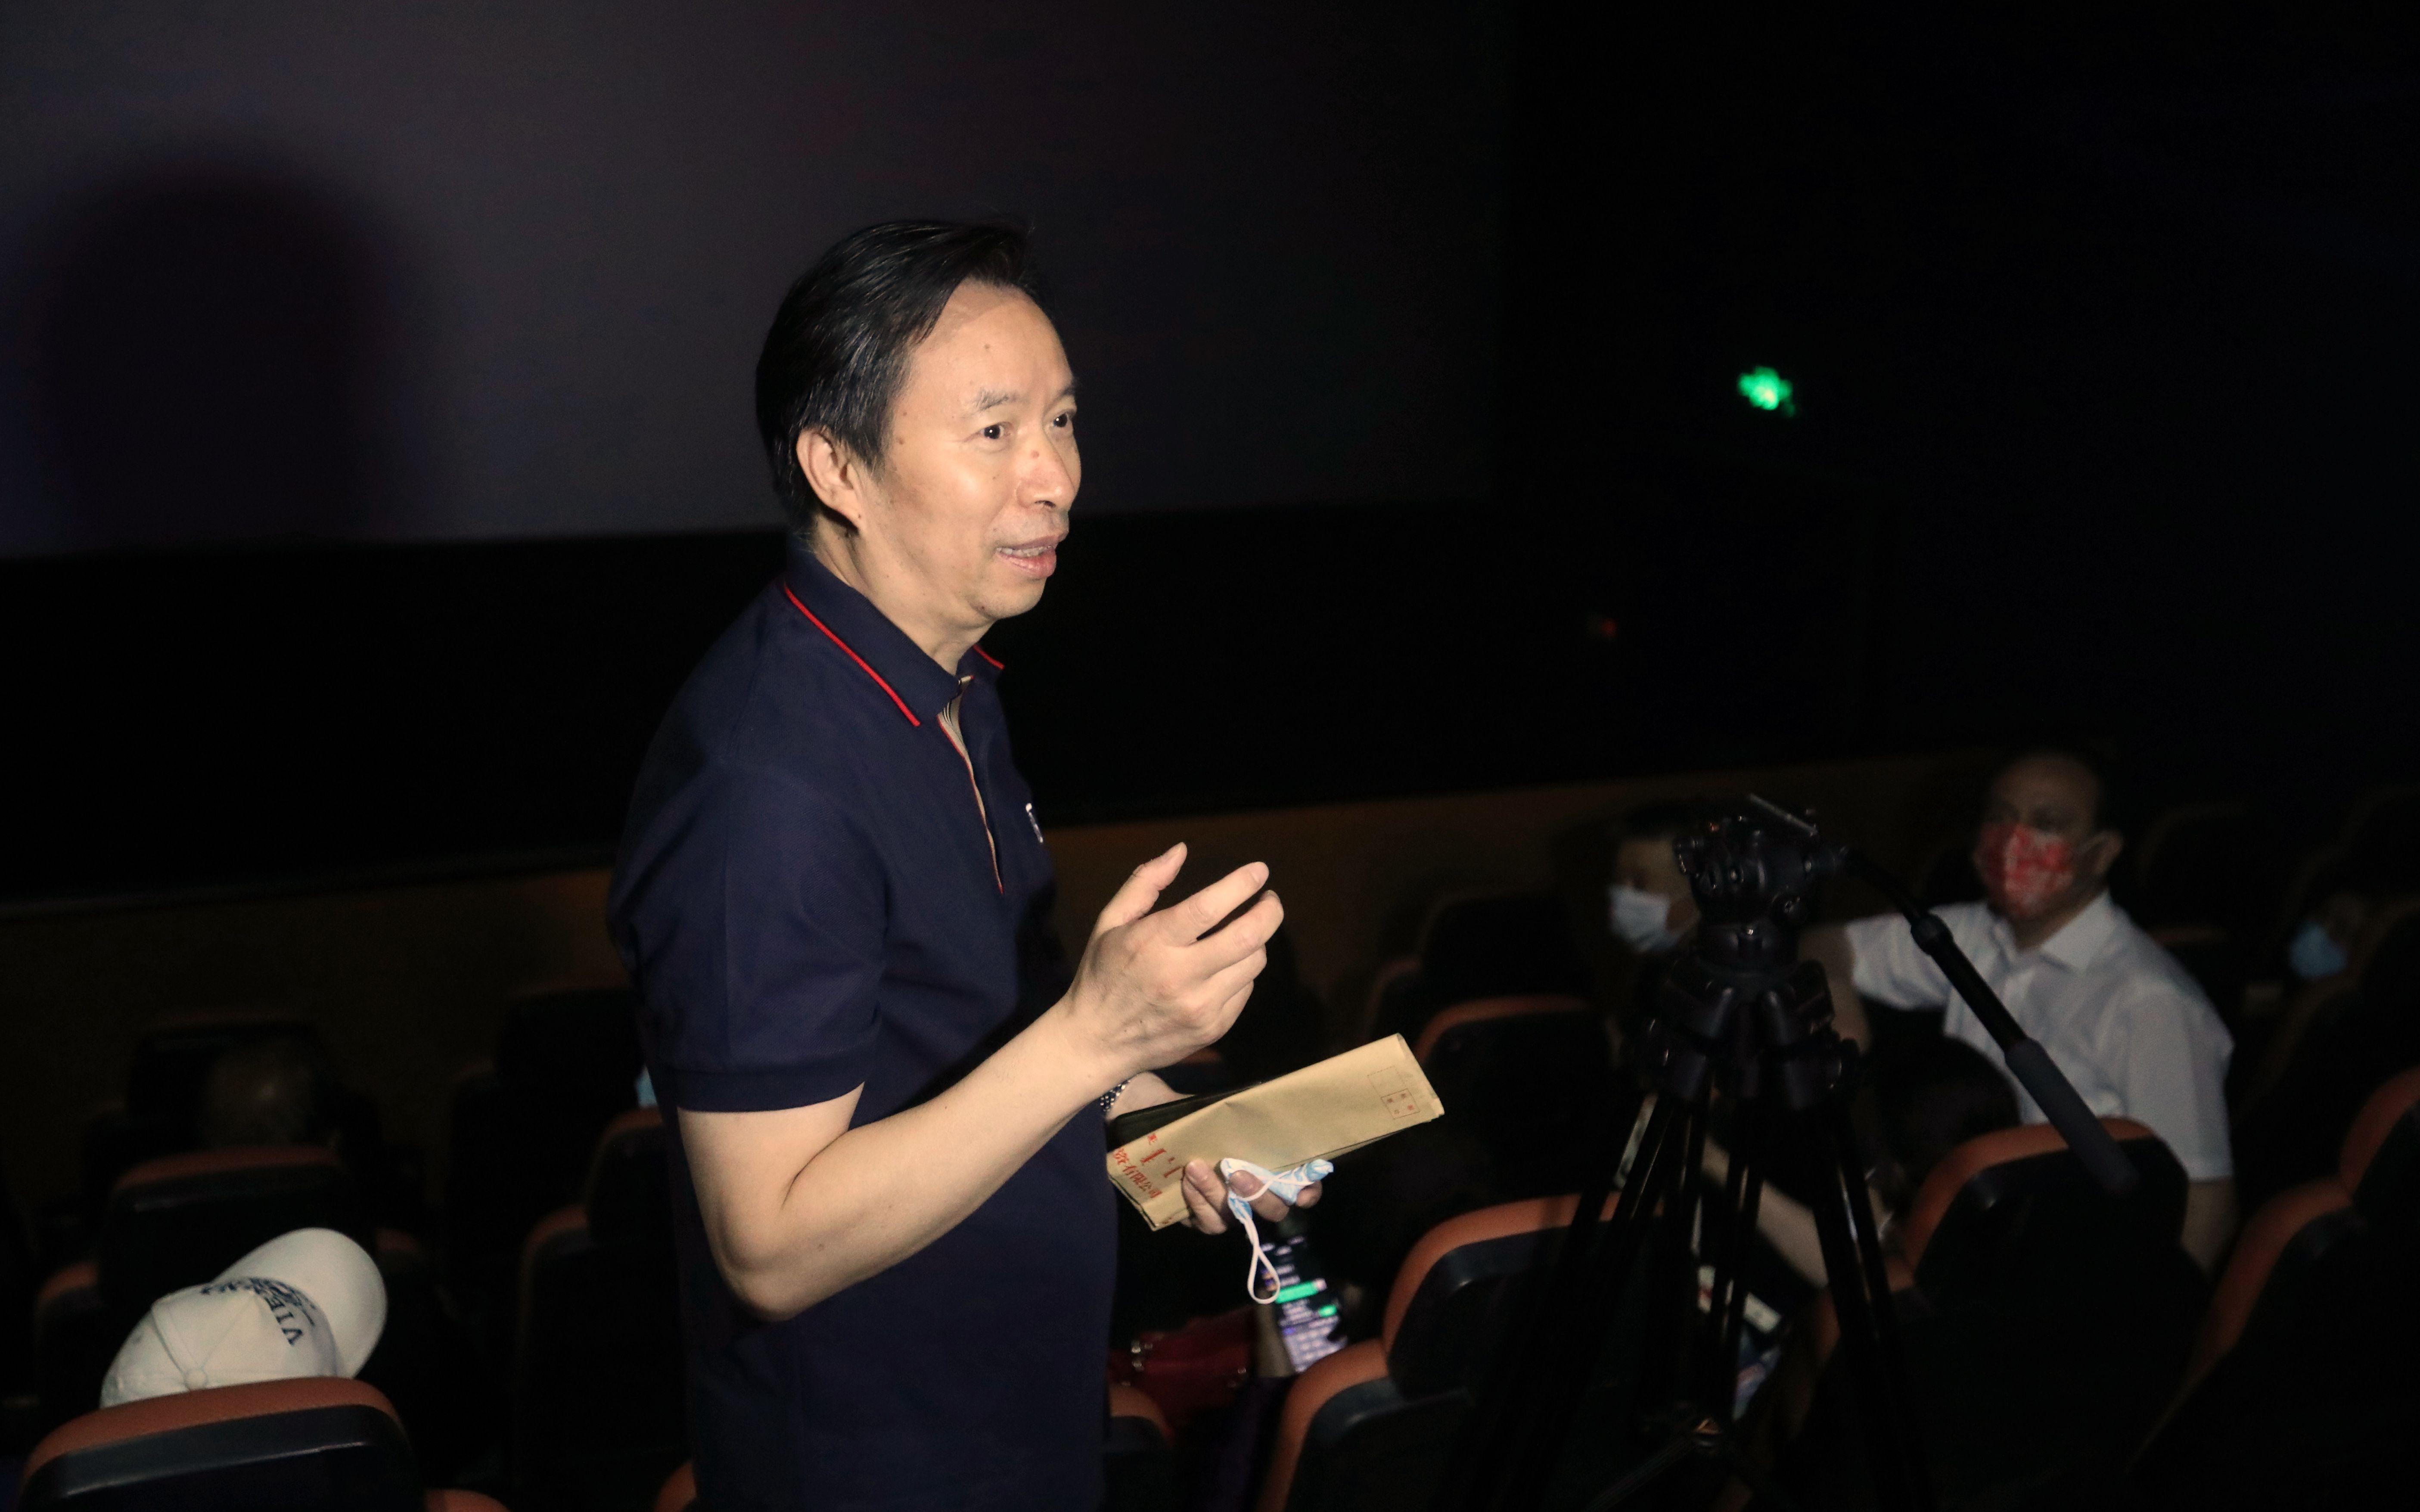 《岁月在这儿》总导演郭本敏在影院内和观众交流。新京报记者王嘉宁摄